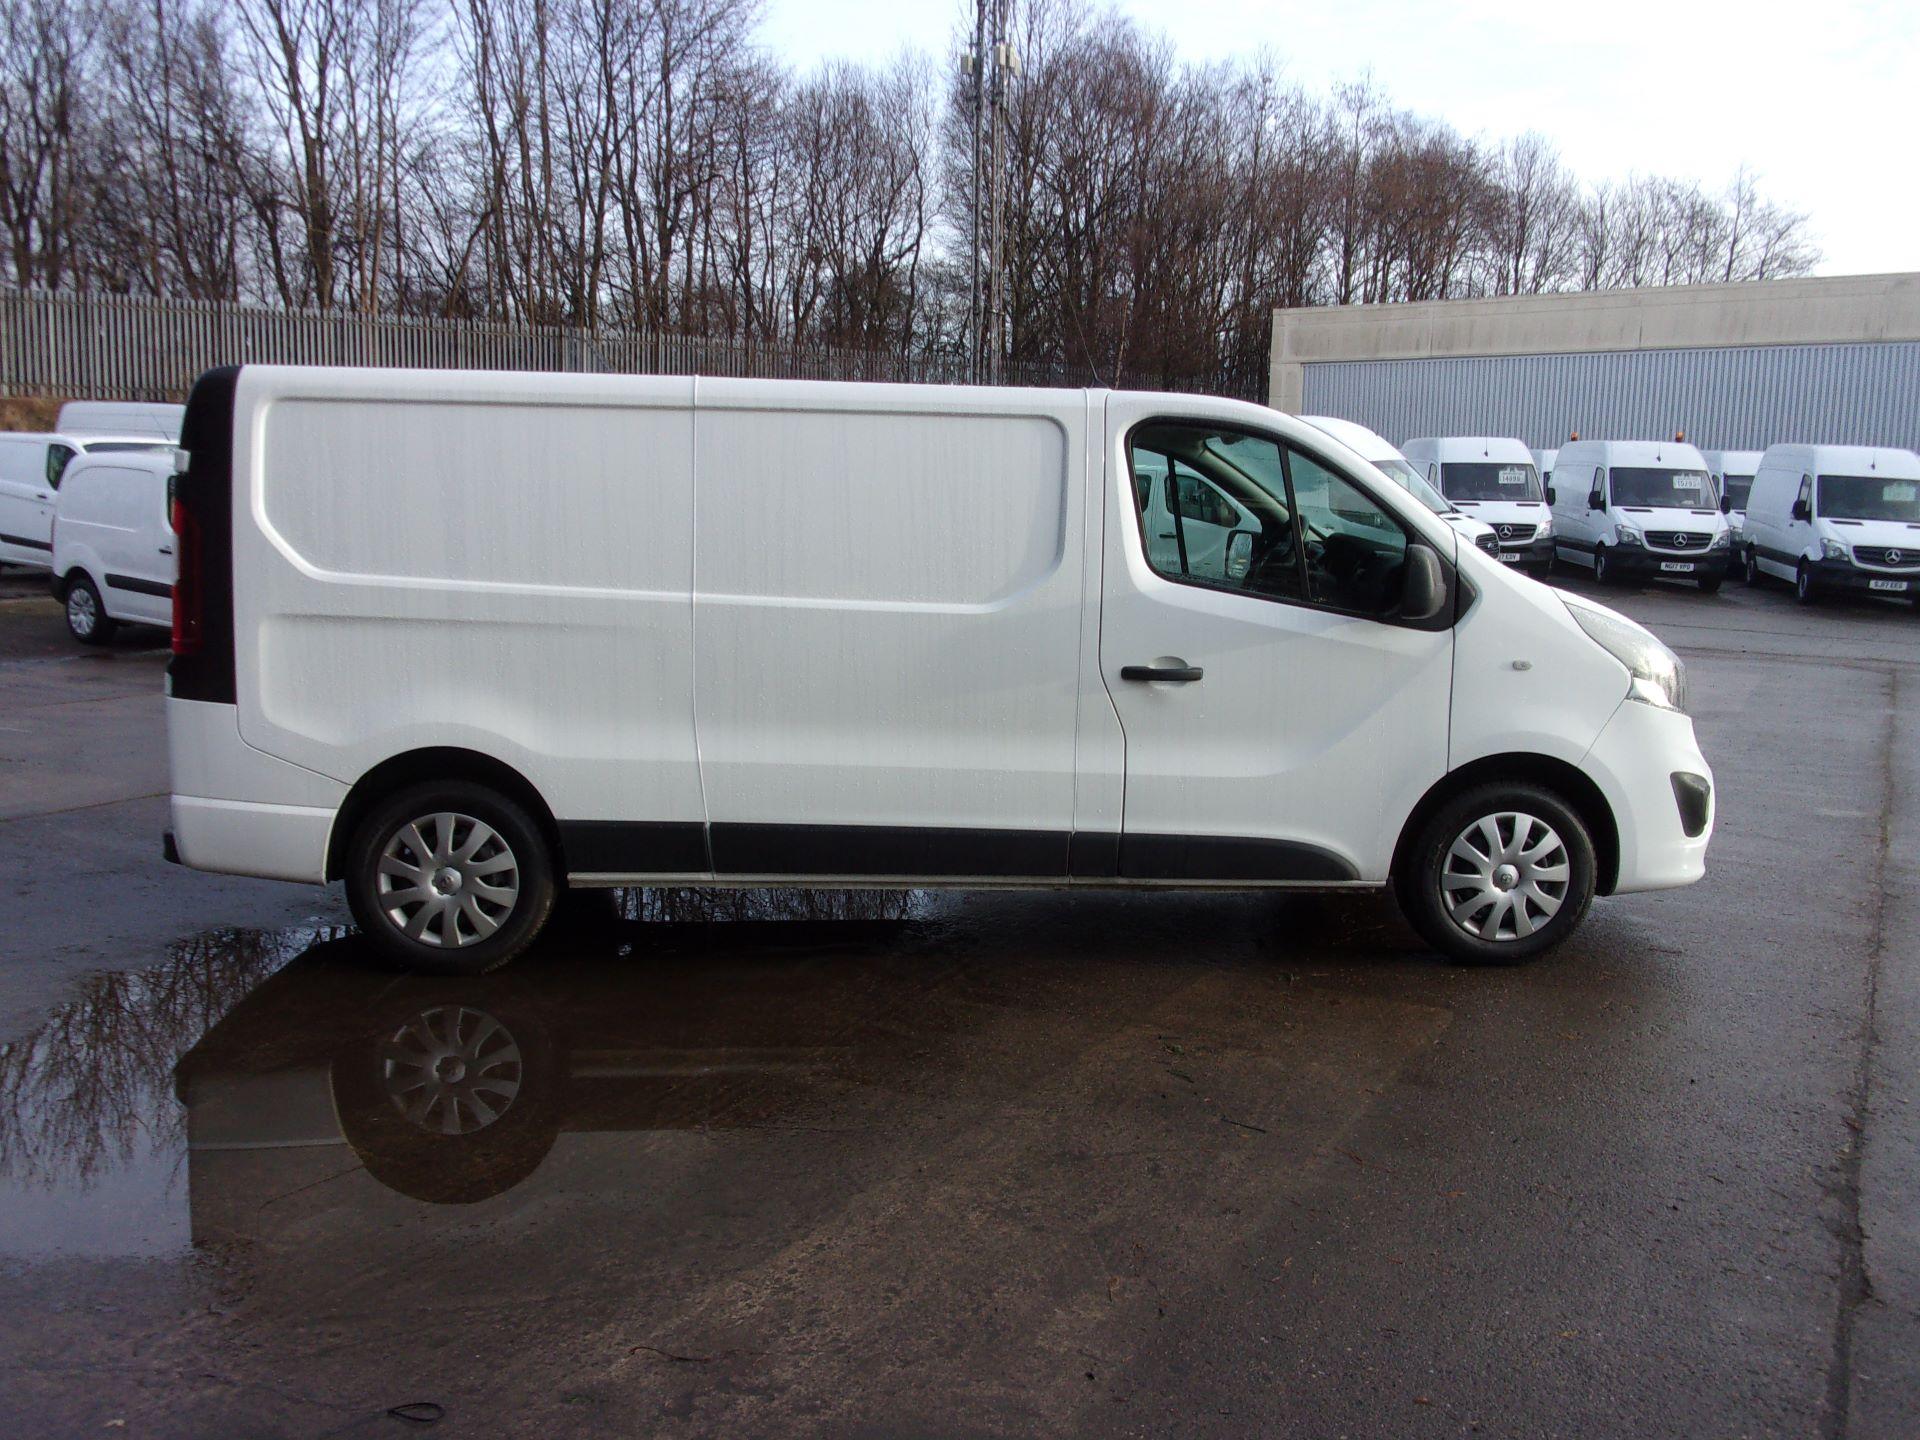 2018 Vauxhall Vivaro L2 H1 2900 1.6 CDTI 120PS SPORTIVE VAN EURO 6 (DV18RXU) Image 10